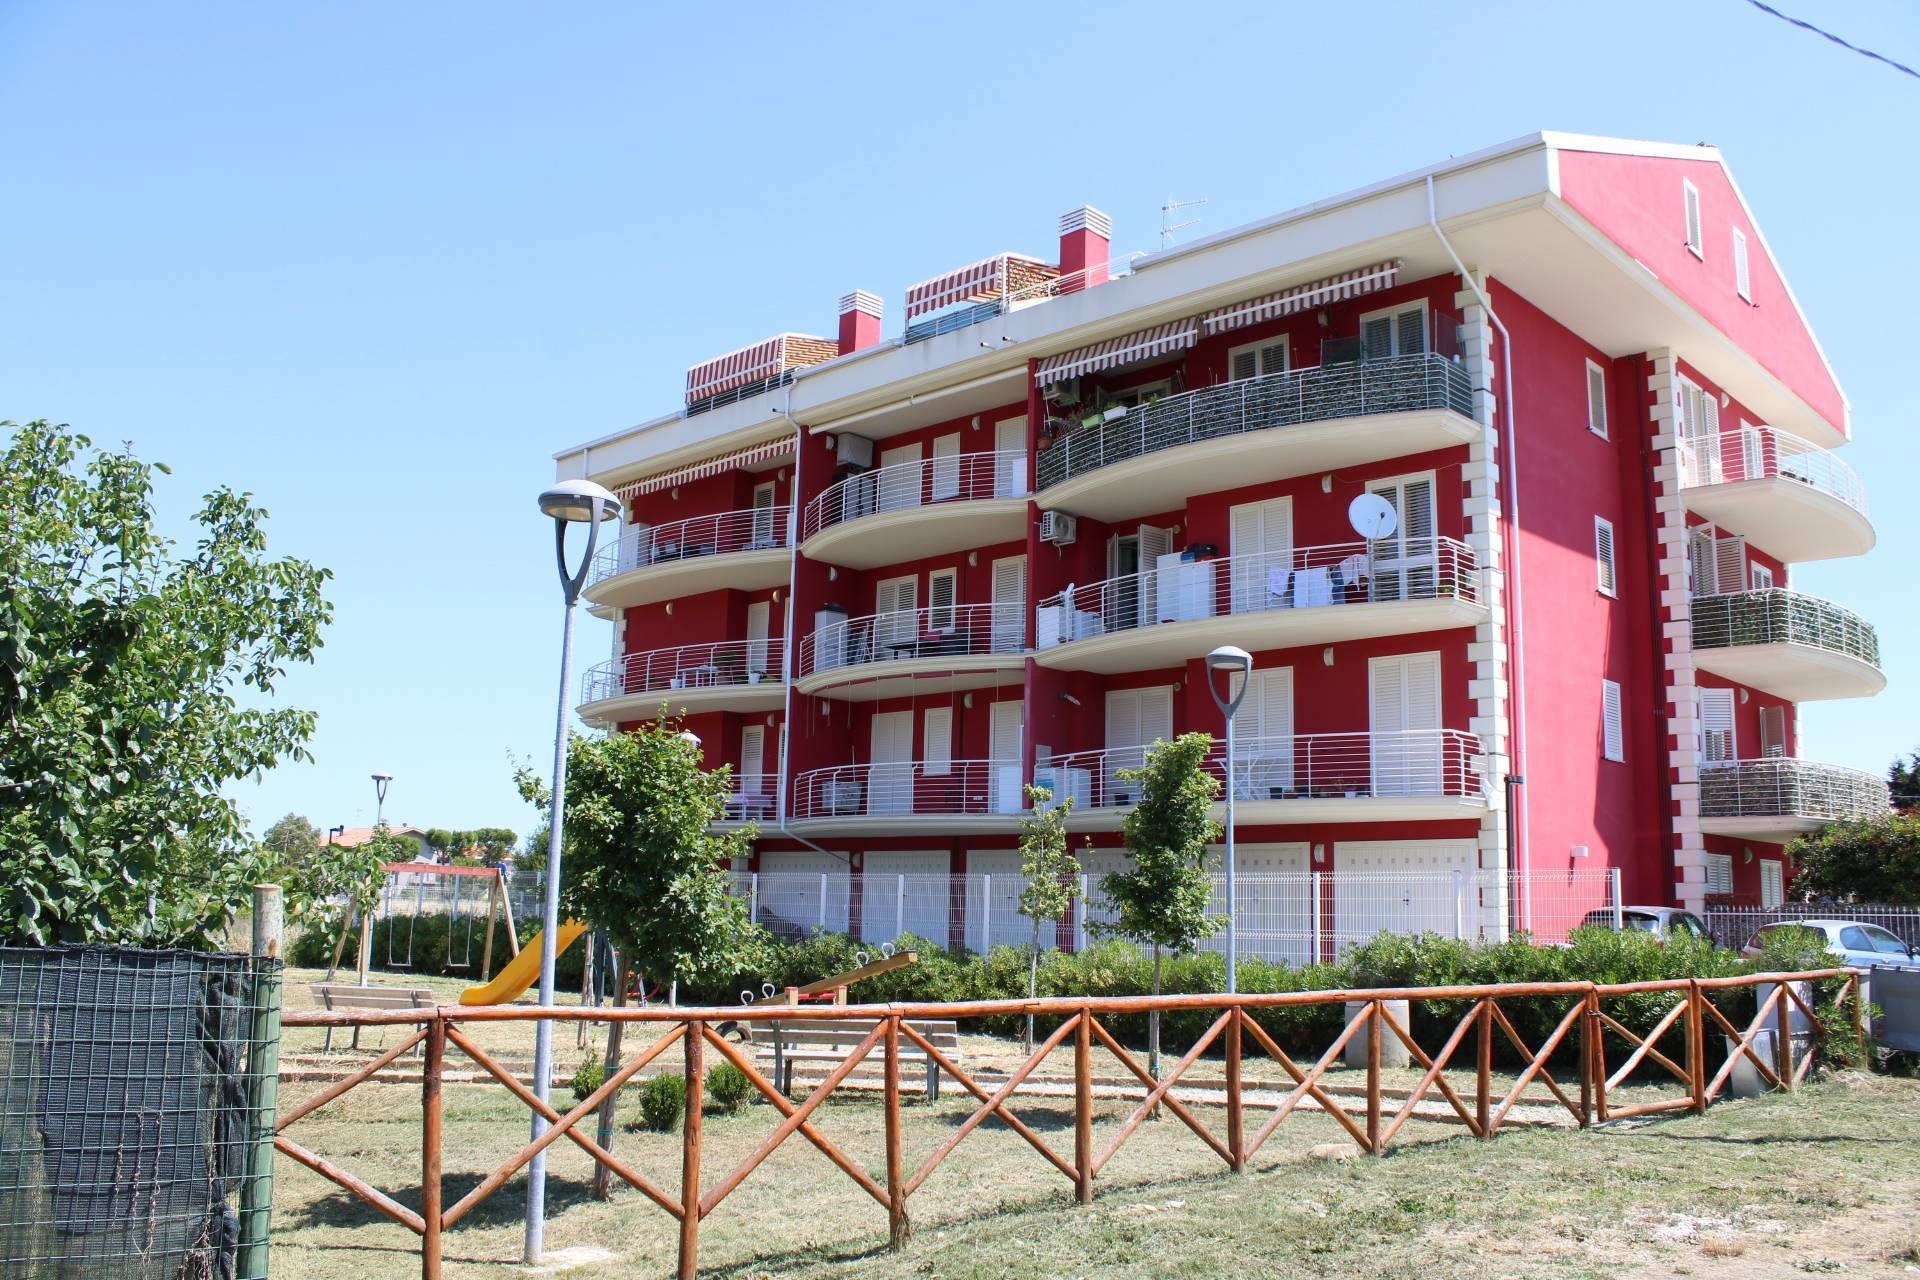 Appartamento in vendita a Tortoreto, 3 locali, zona Località: TortoretoLido, prezzo € 109.000 | PortaleAgenzieImmobiliari.it